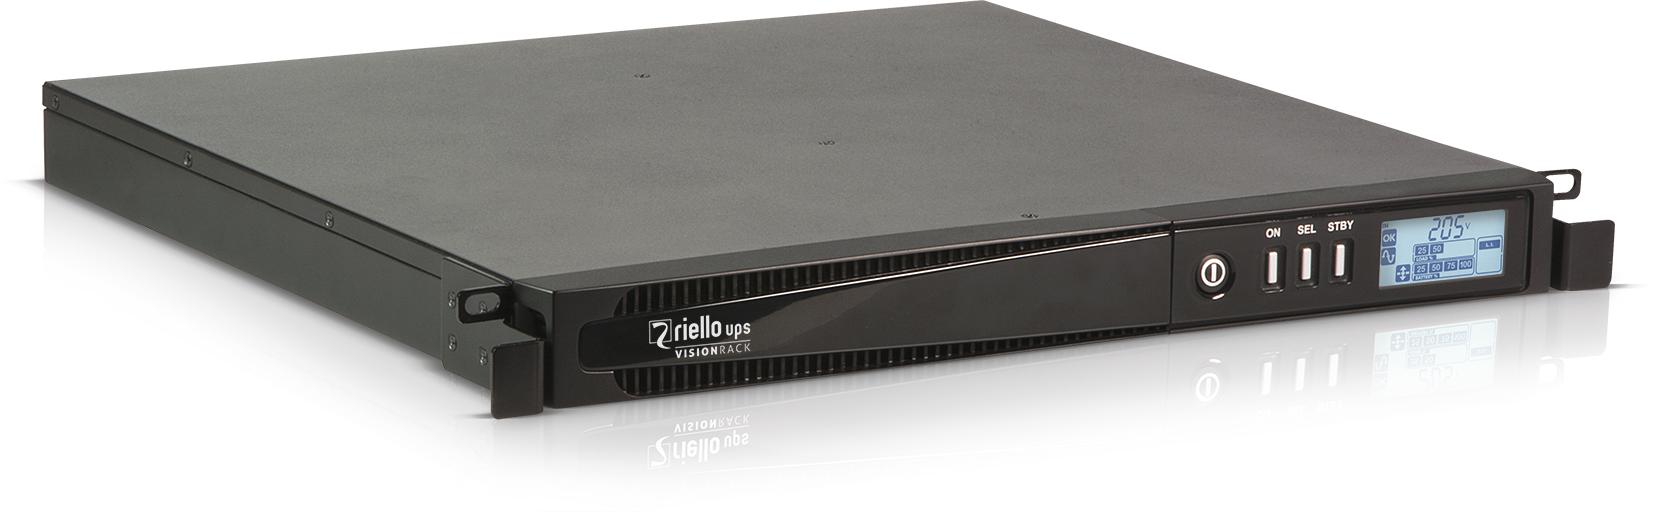 Vision Rack (800 - 1100 VA) - Onduleur Riello